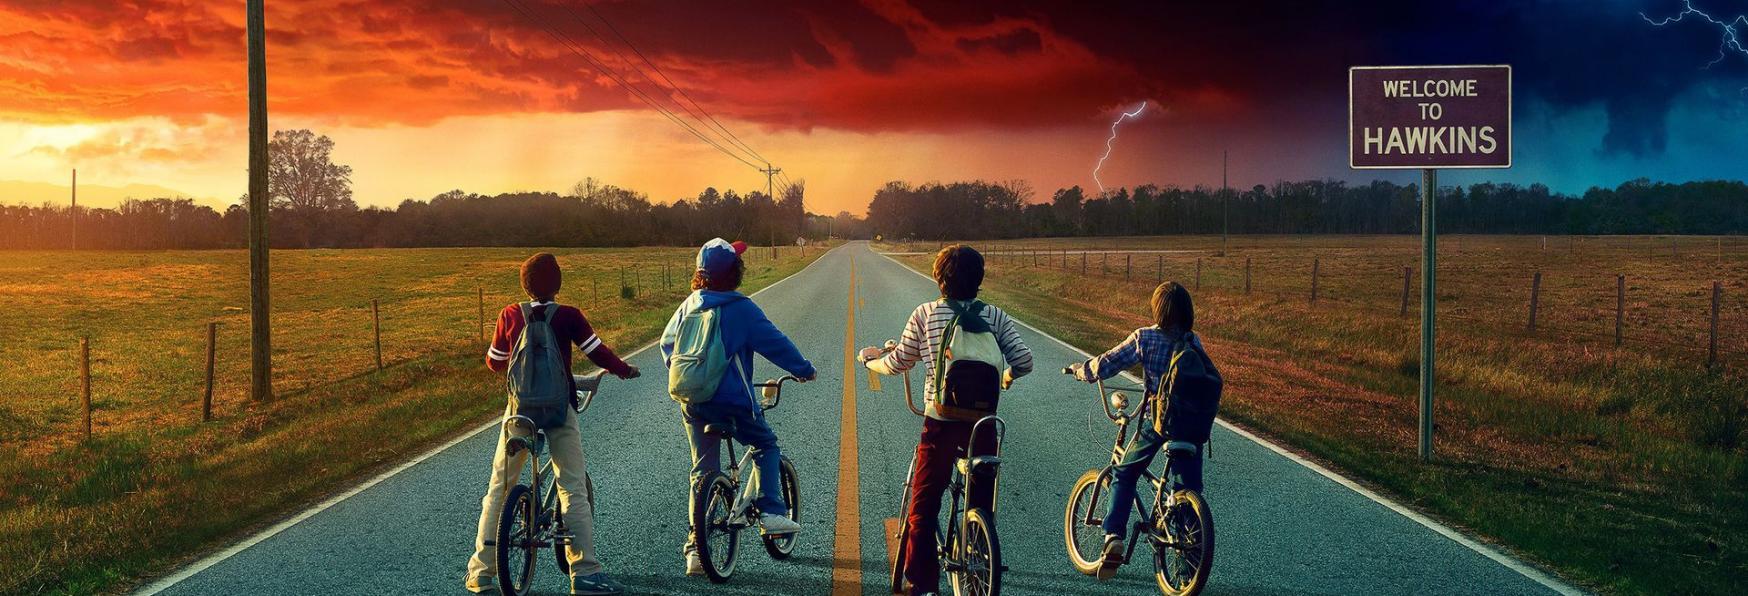 Stranger Things 4 uscirà nel 2022. Svelato il Teaser Trailer della nuova Stagione